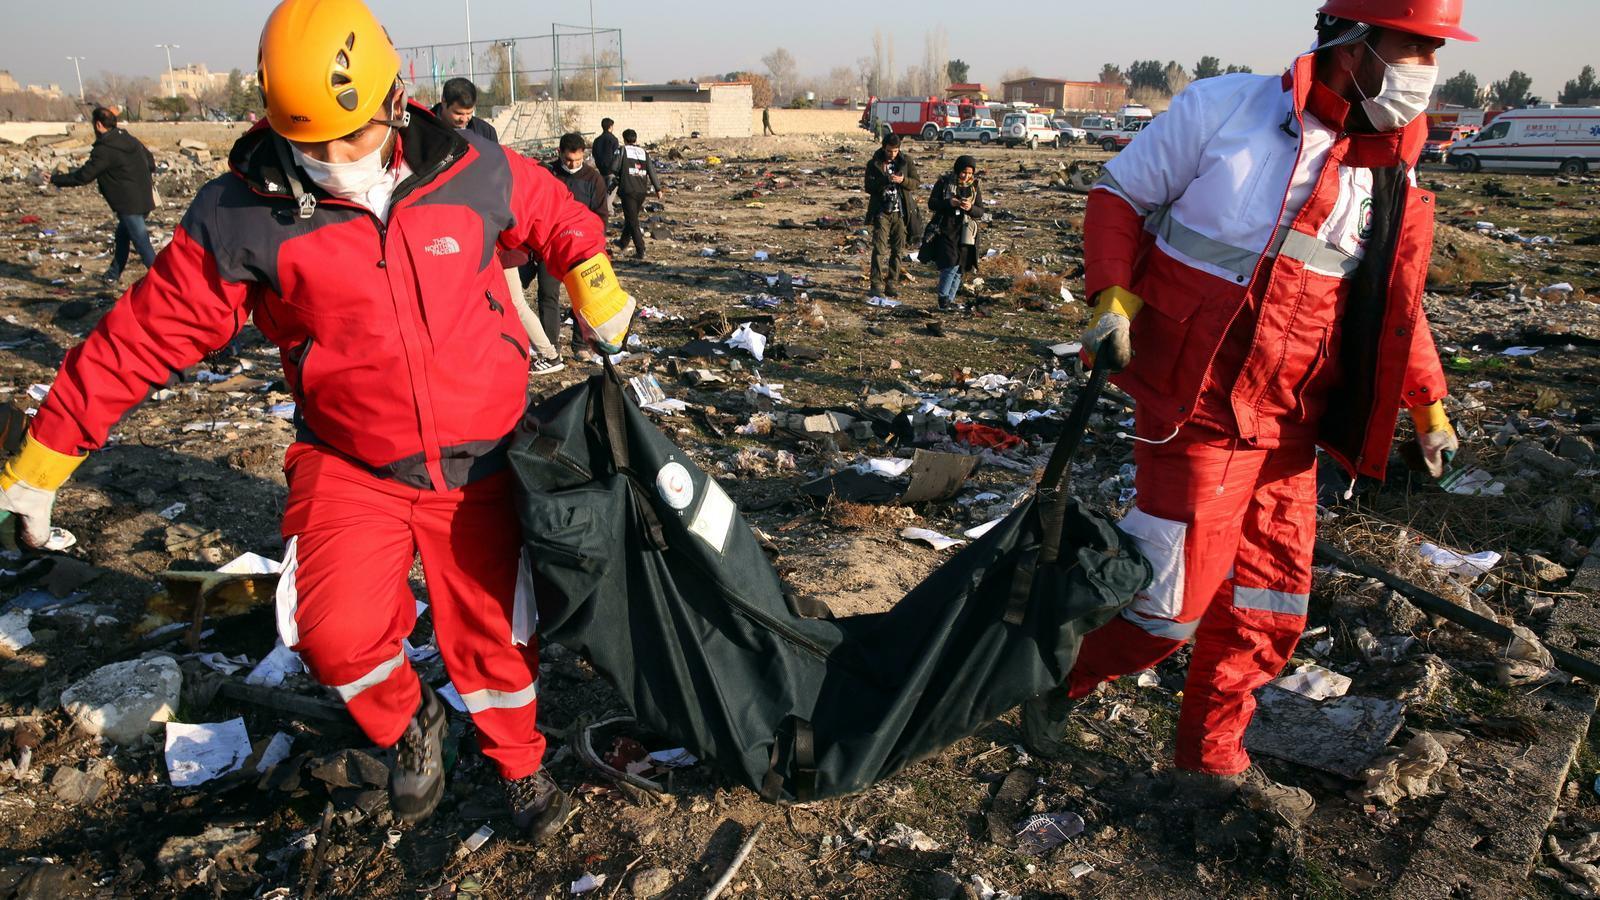 Moren 176 persones a l'estavellar-se un avió a l'Iran